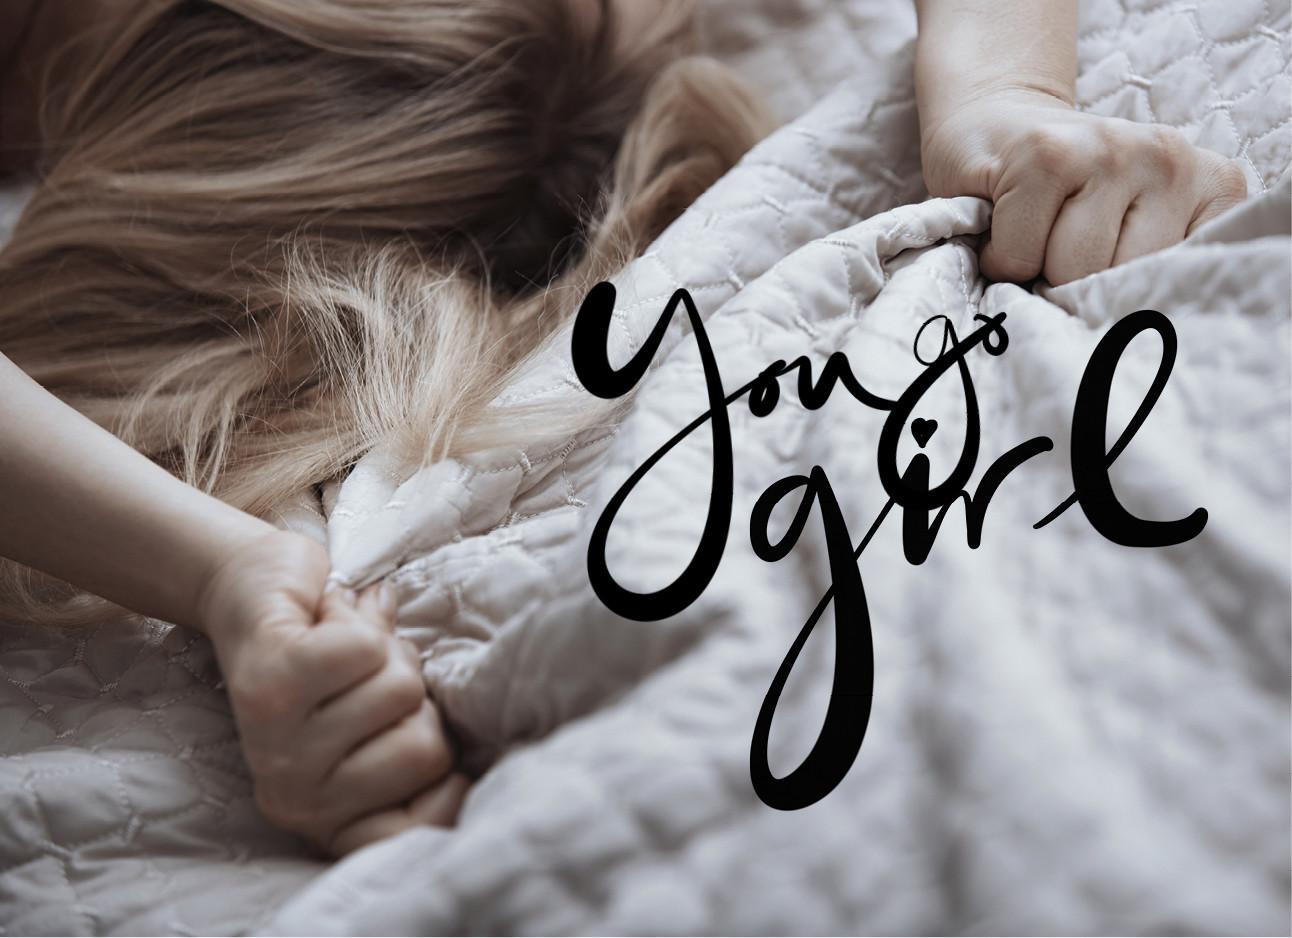 vrouw in bed met haar handen de deken vast houden